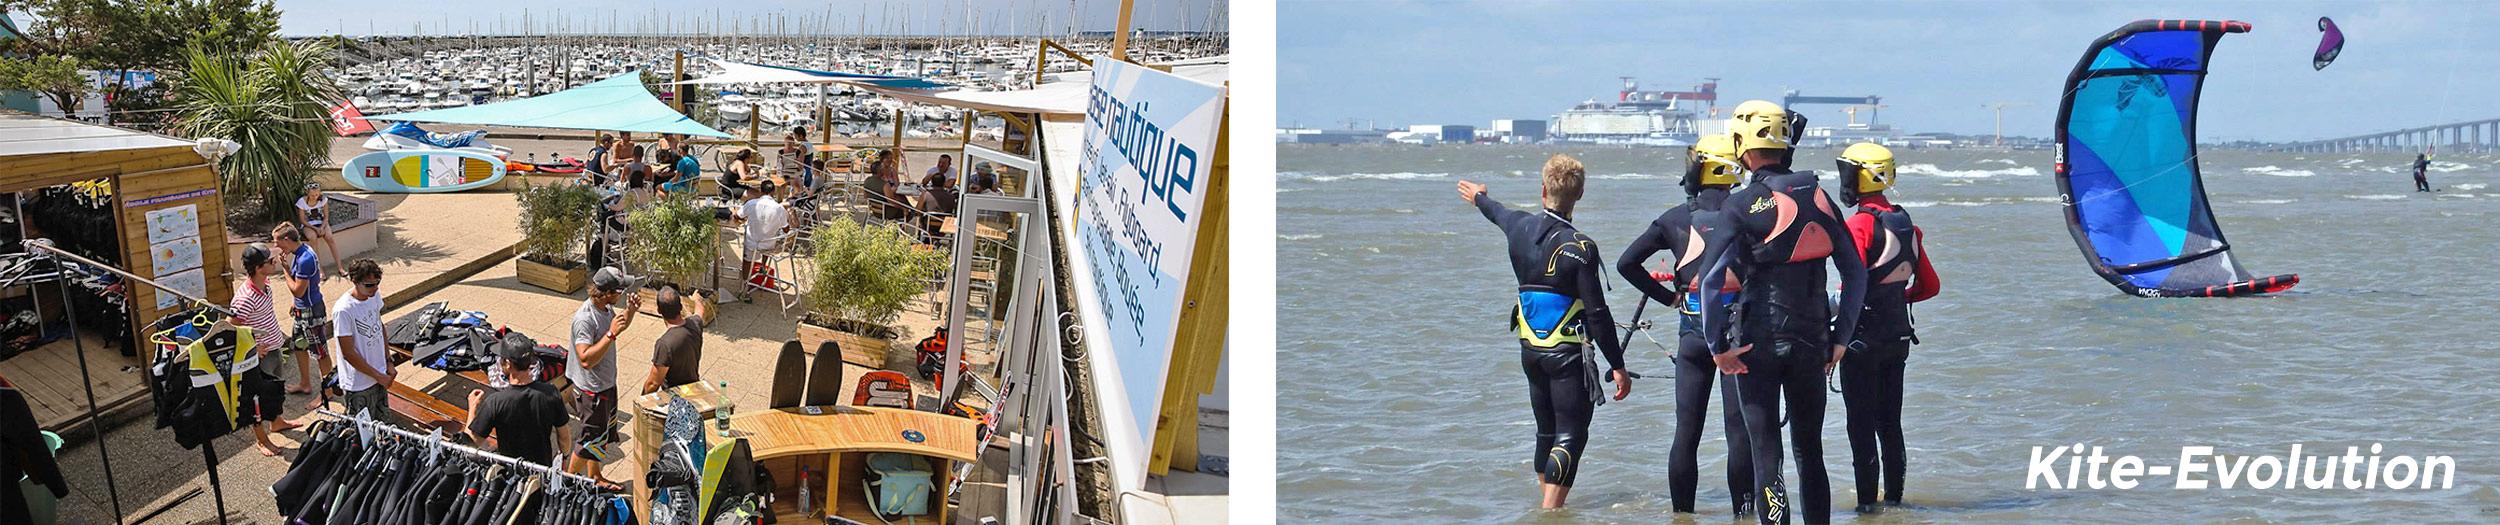 2012 base nautique Kite-Evolution cours kitesurf wake